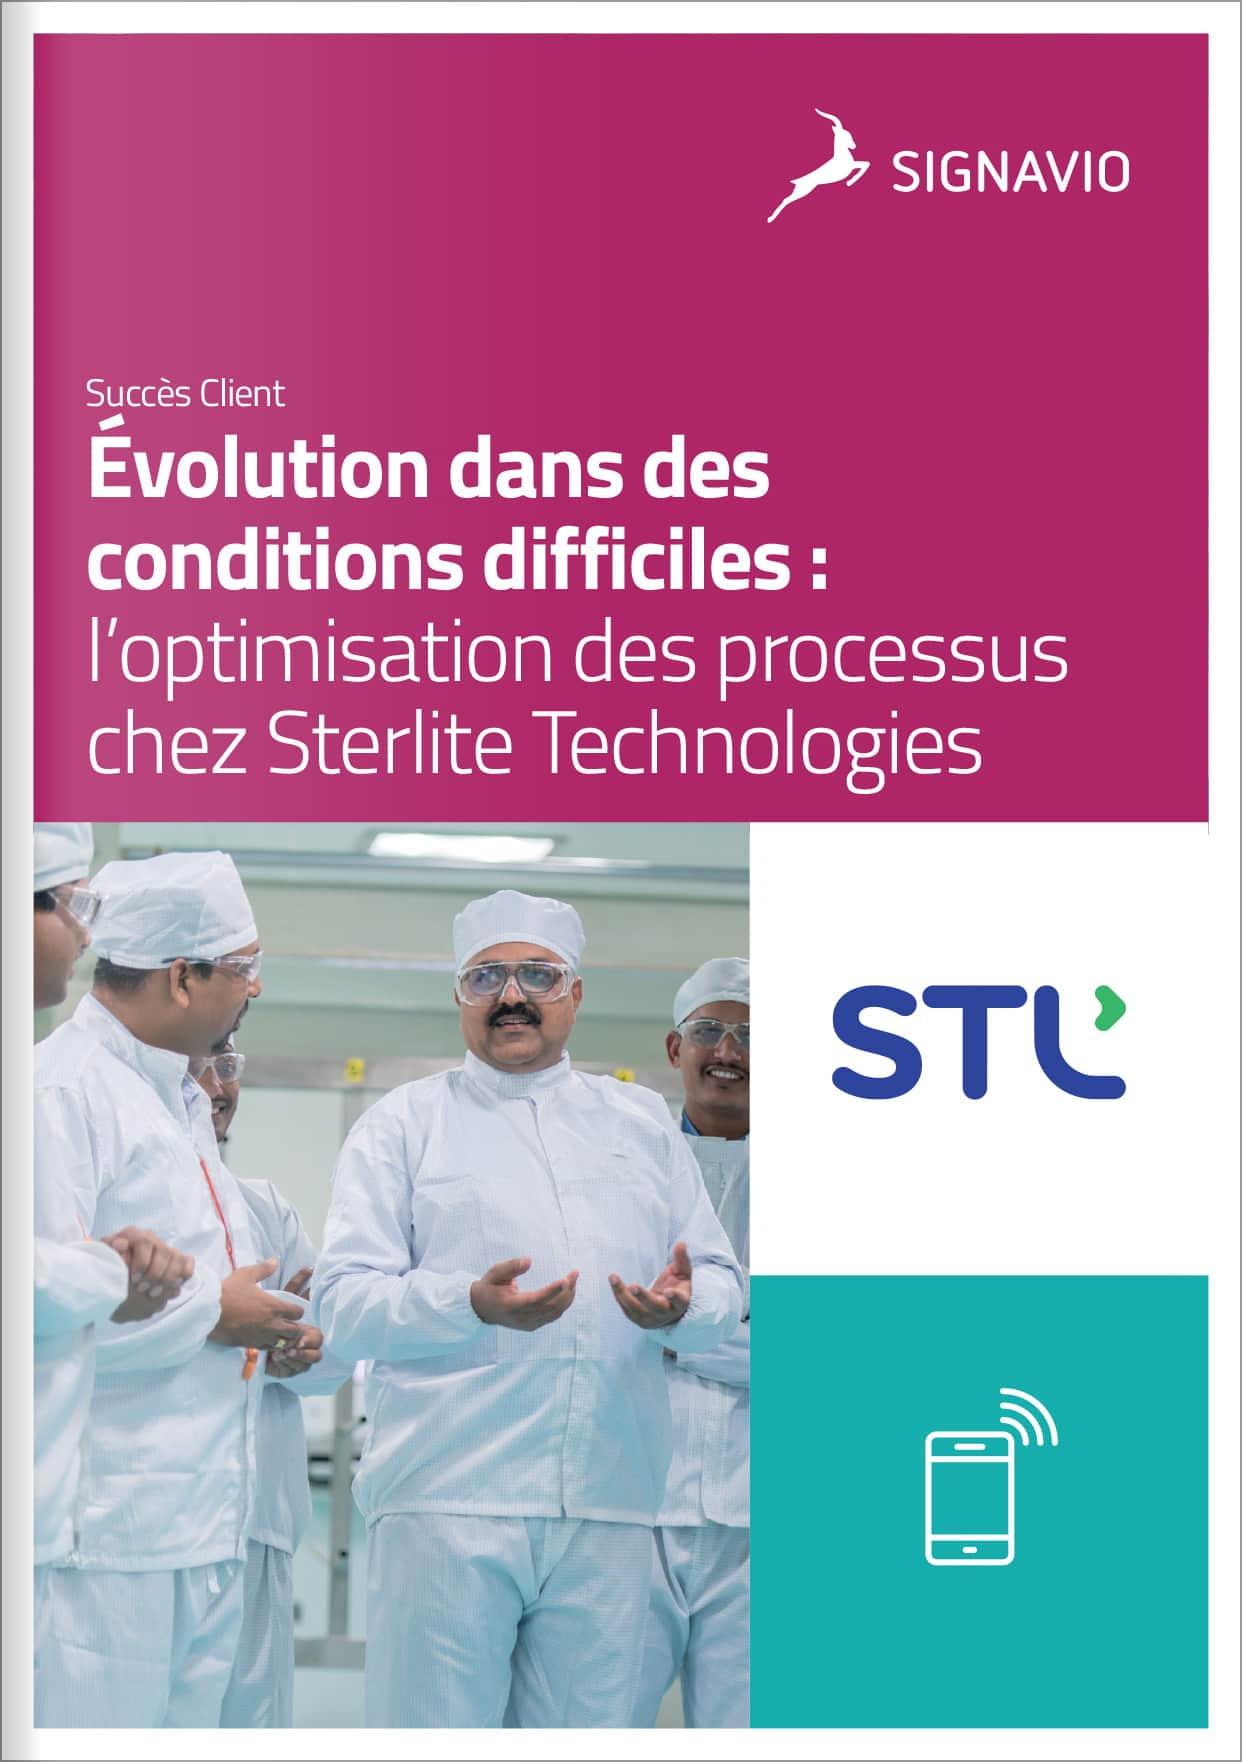 Sterlite - Optimisation des processus dans des conditions difficiles